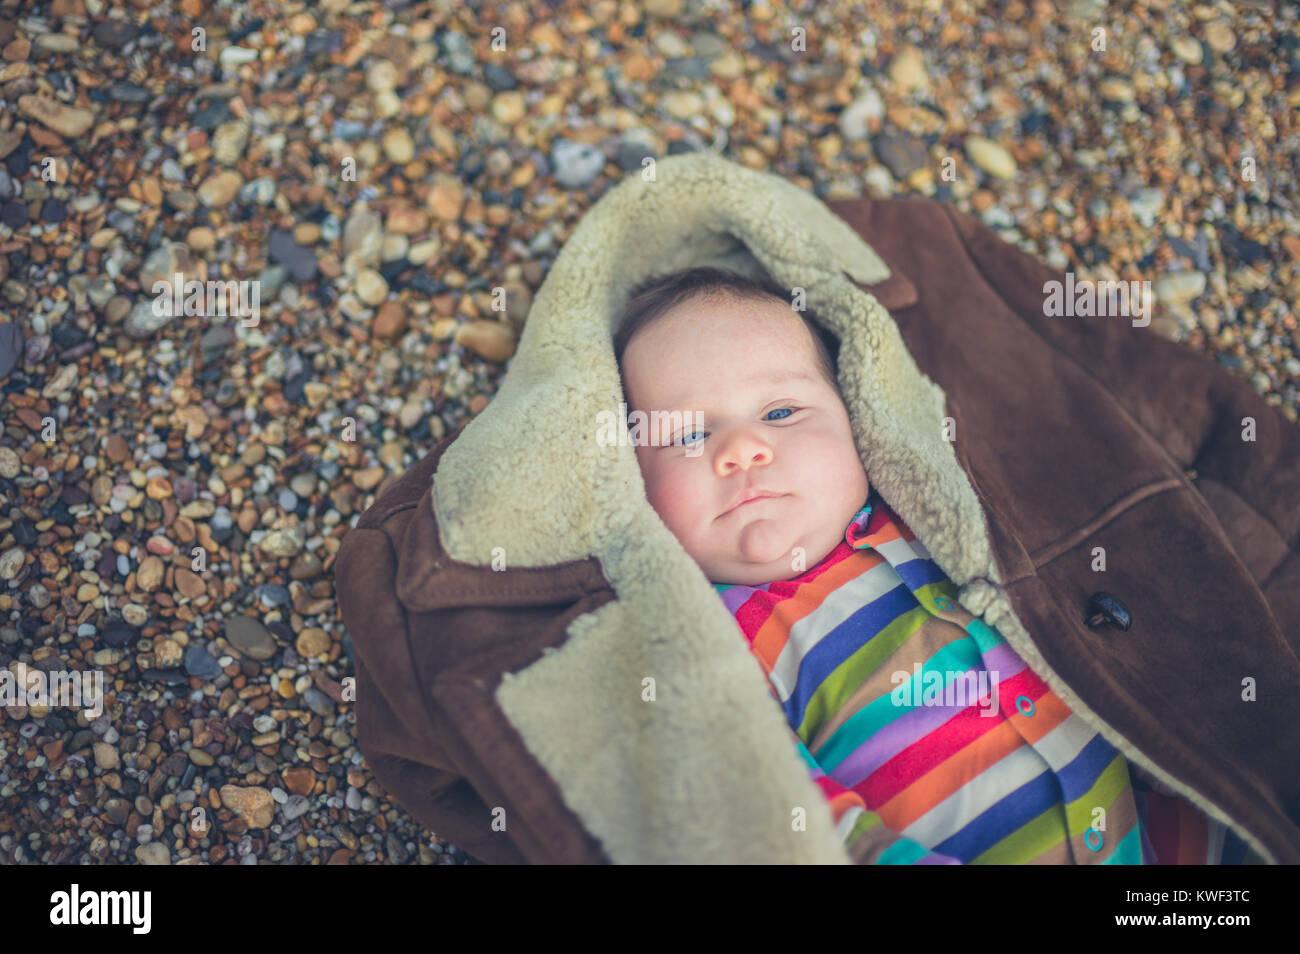 Un piccolo bambino è avvolto in un mantello sulla spiaggia Immagini Stock